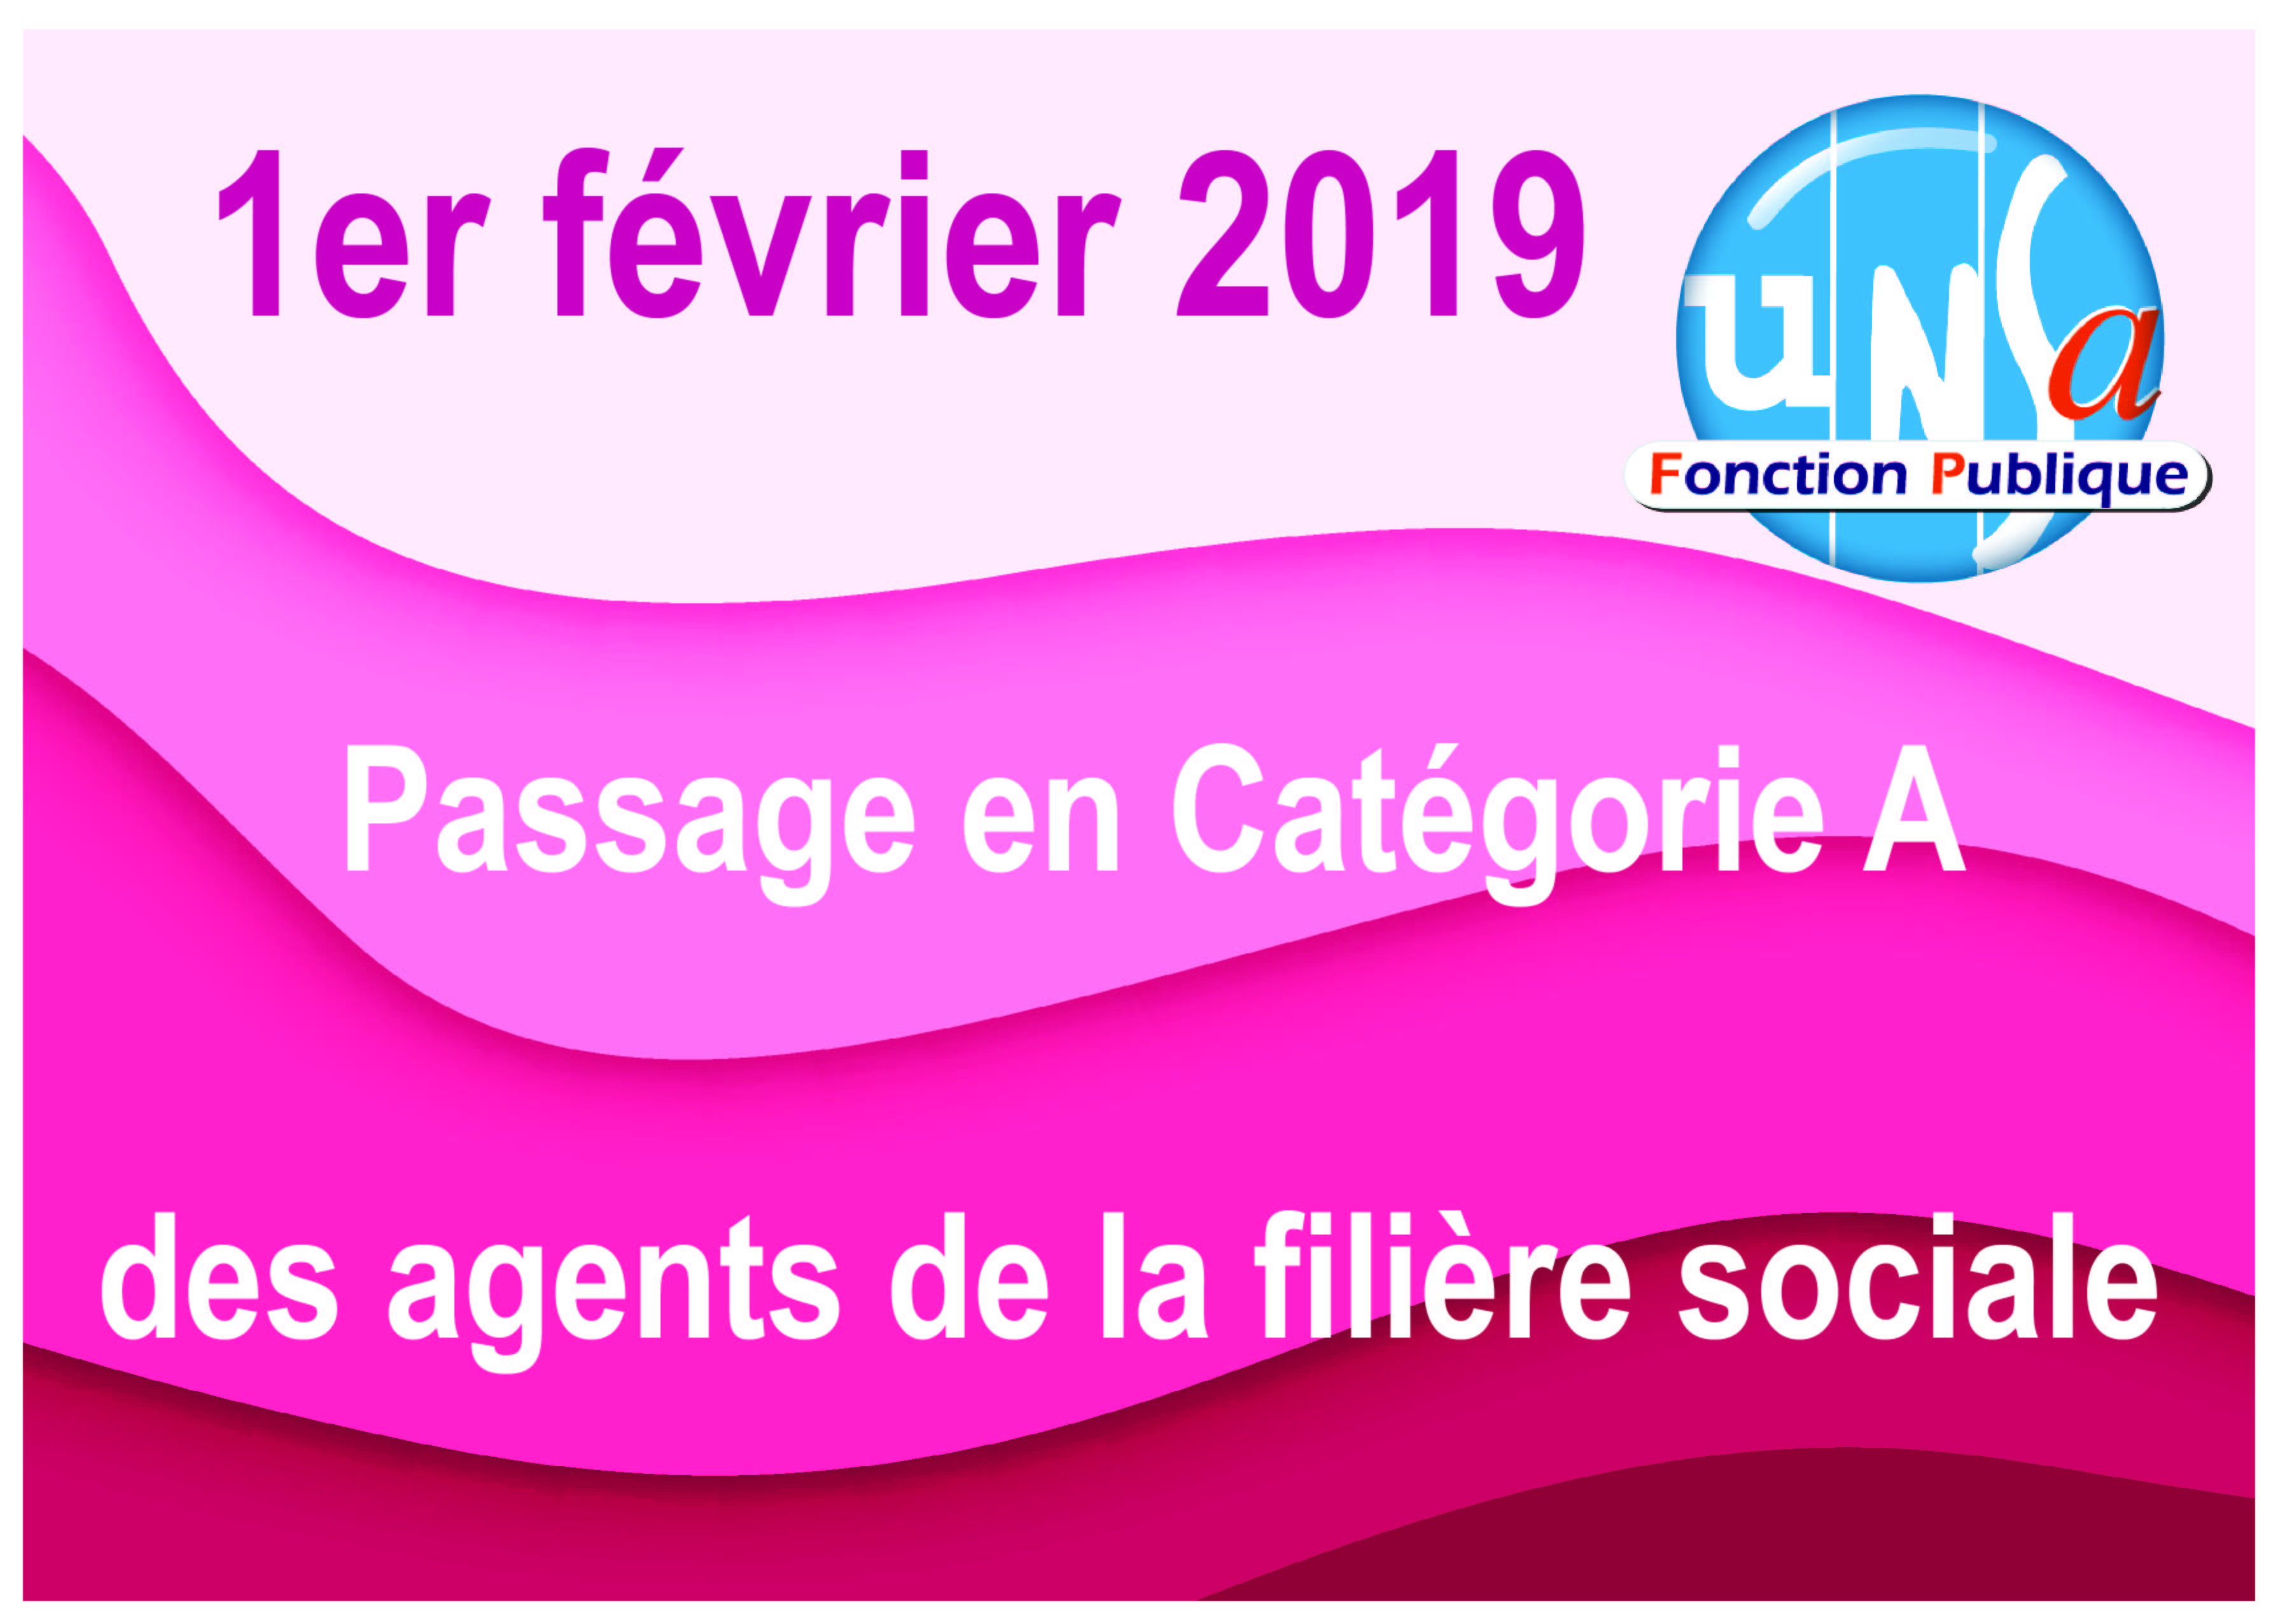 ba81198b110 Filière sociale   Passage en catégorie A le 1er février 2019 ! - UNSA  Fonction publique